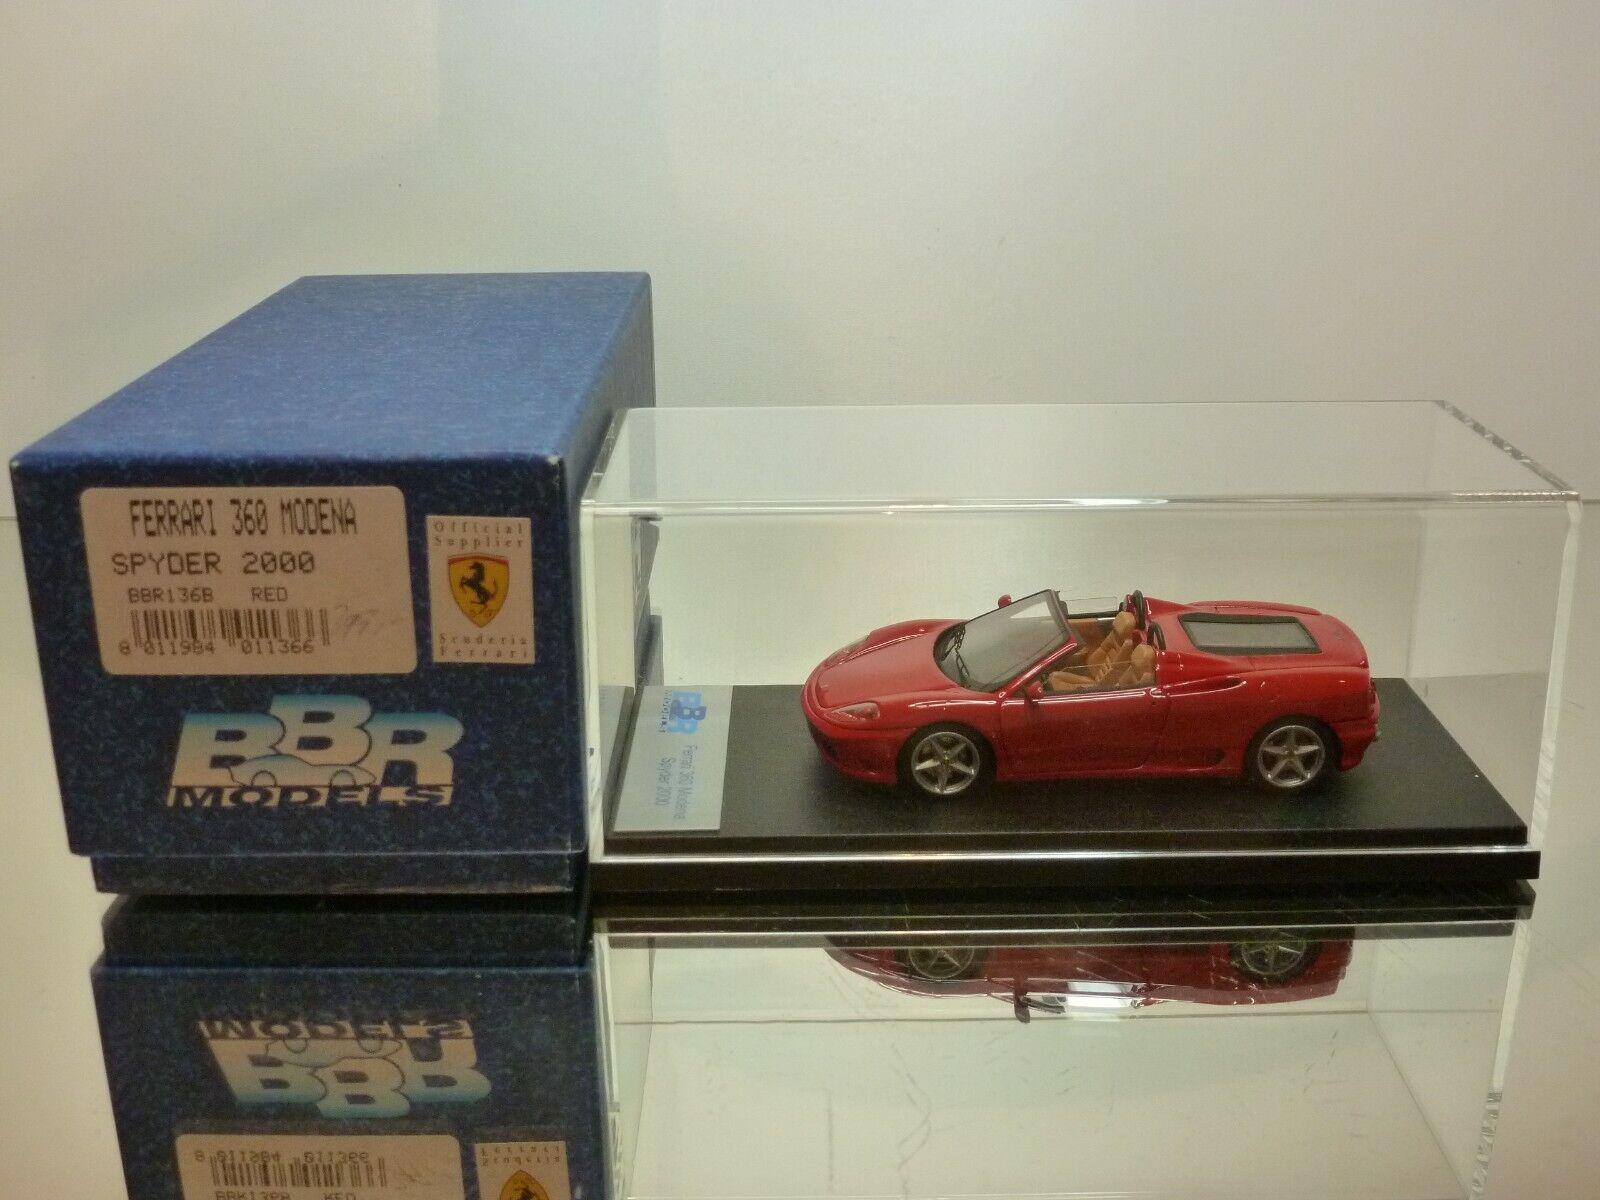 BBR MODELS BBR136B FERRARI 360 MODENA SPYDER 2000 - rojo 1 43 - MINT IN BOX